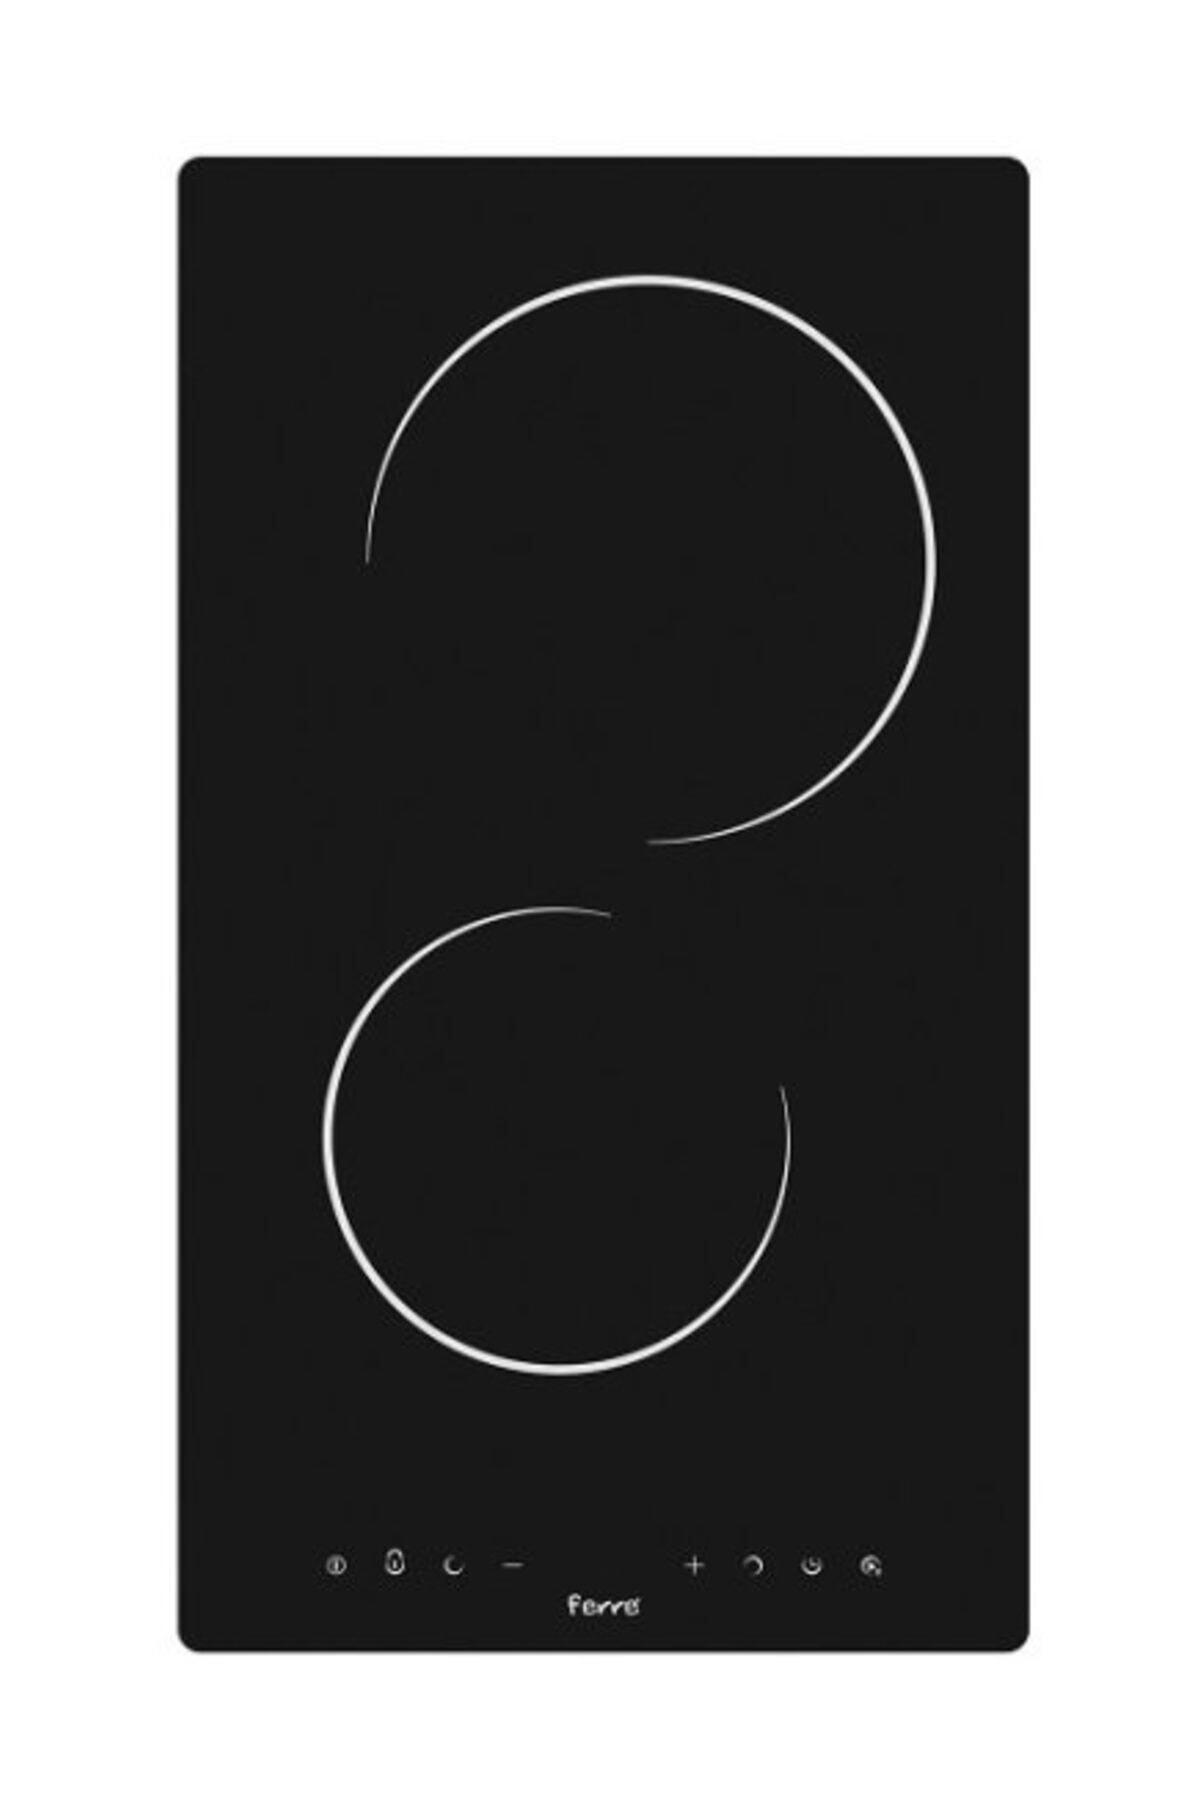 Ferre Ms 131 Vitroseramik Siyah Elektrikli Ocak (30 Cm) 1